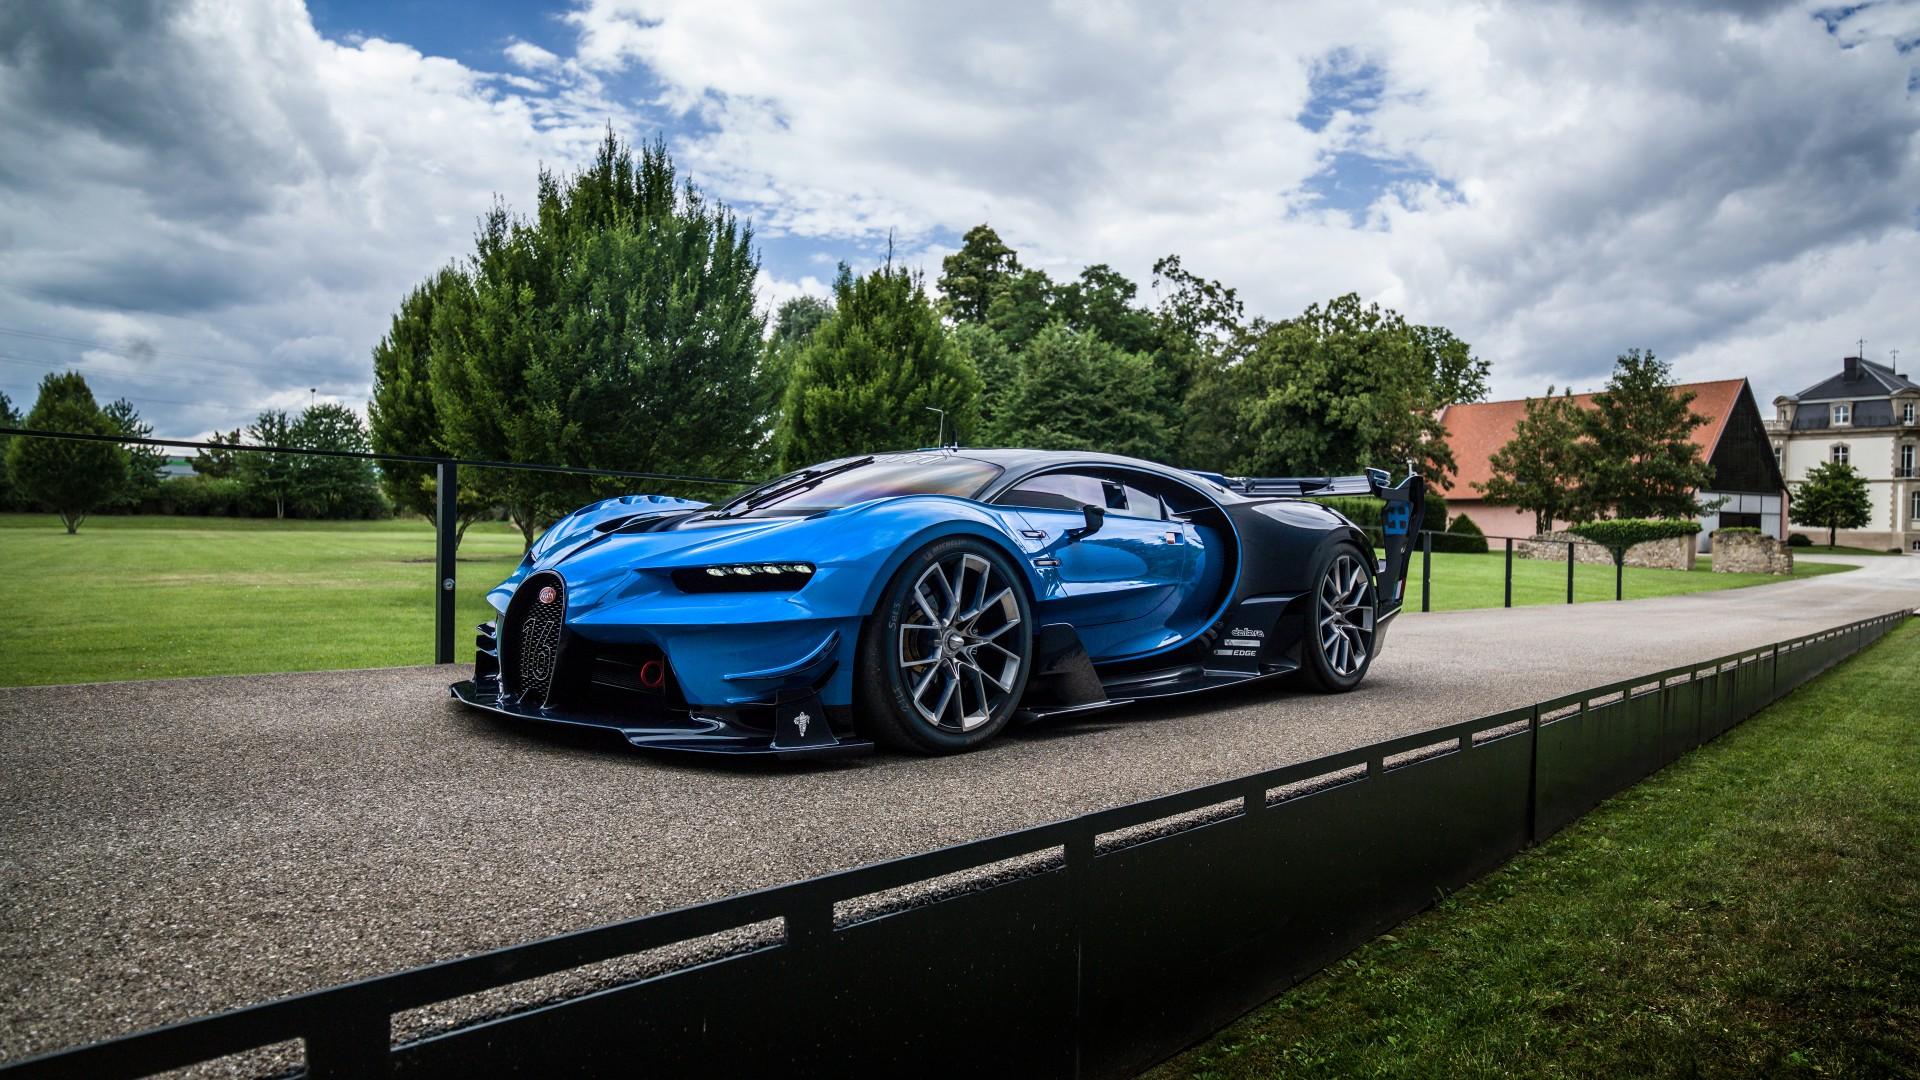 Bugatti Car Hd Wallpapers Free Download For Android Mobile: Bugatti Chiron Vision Gran Turismo Wallpaper